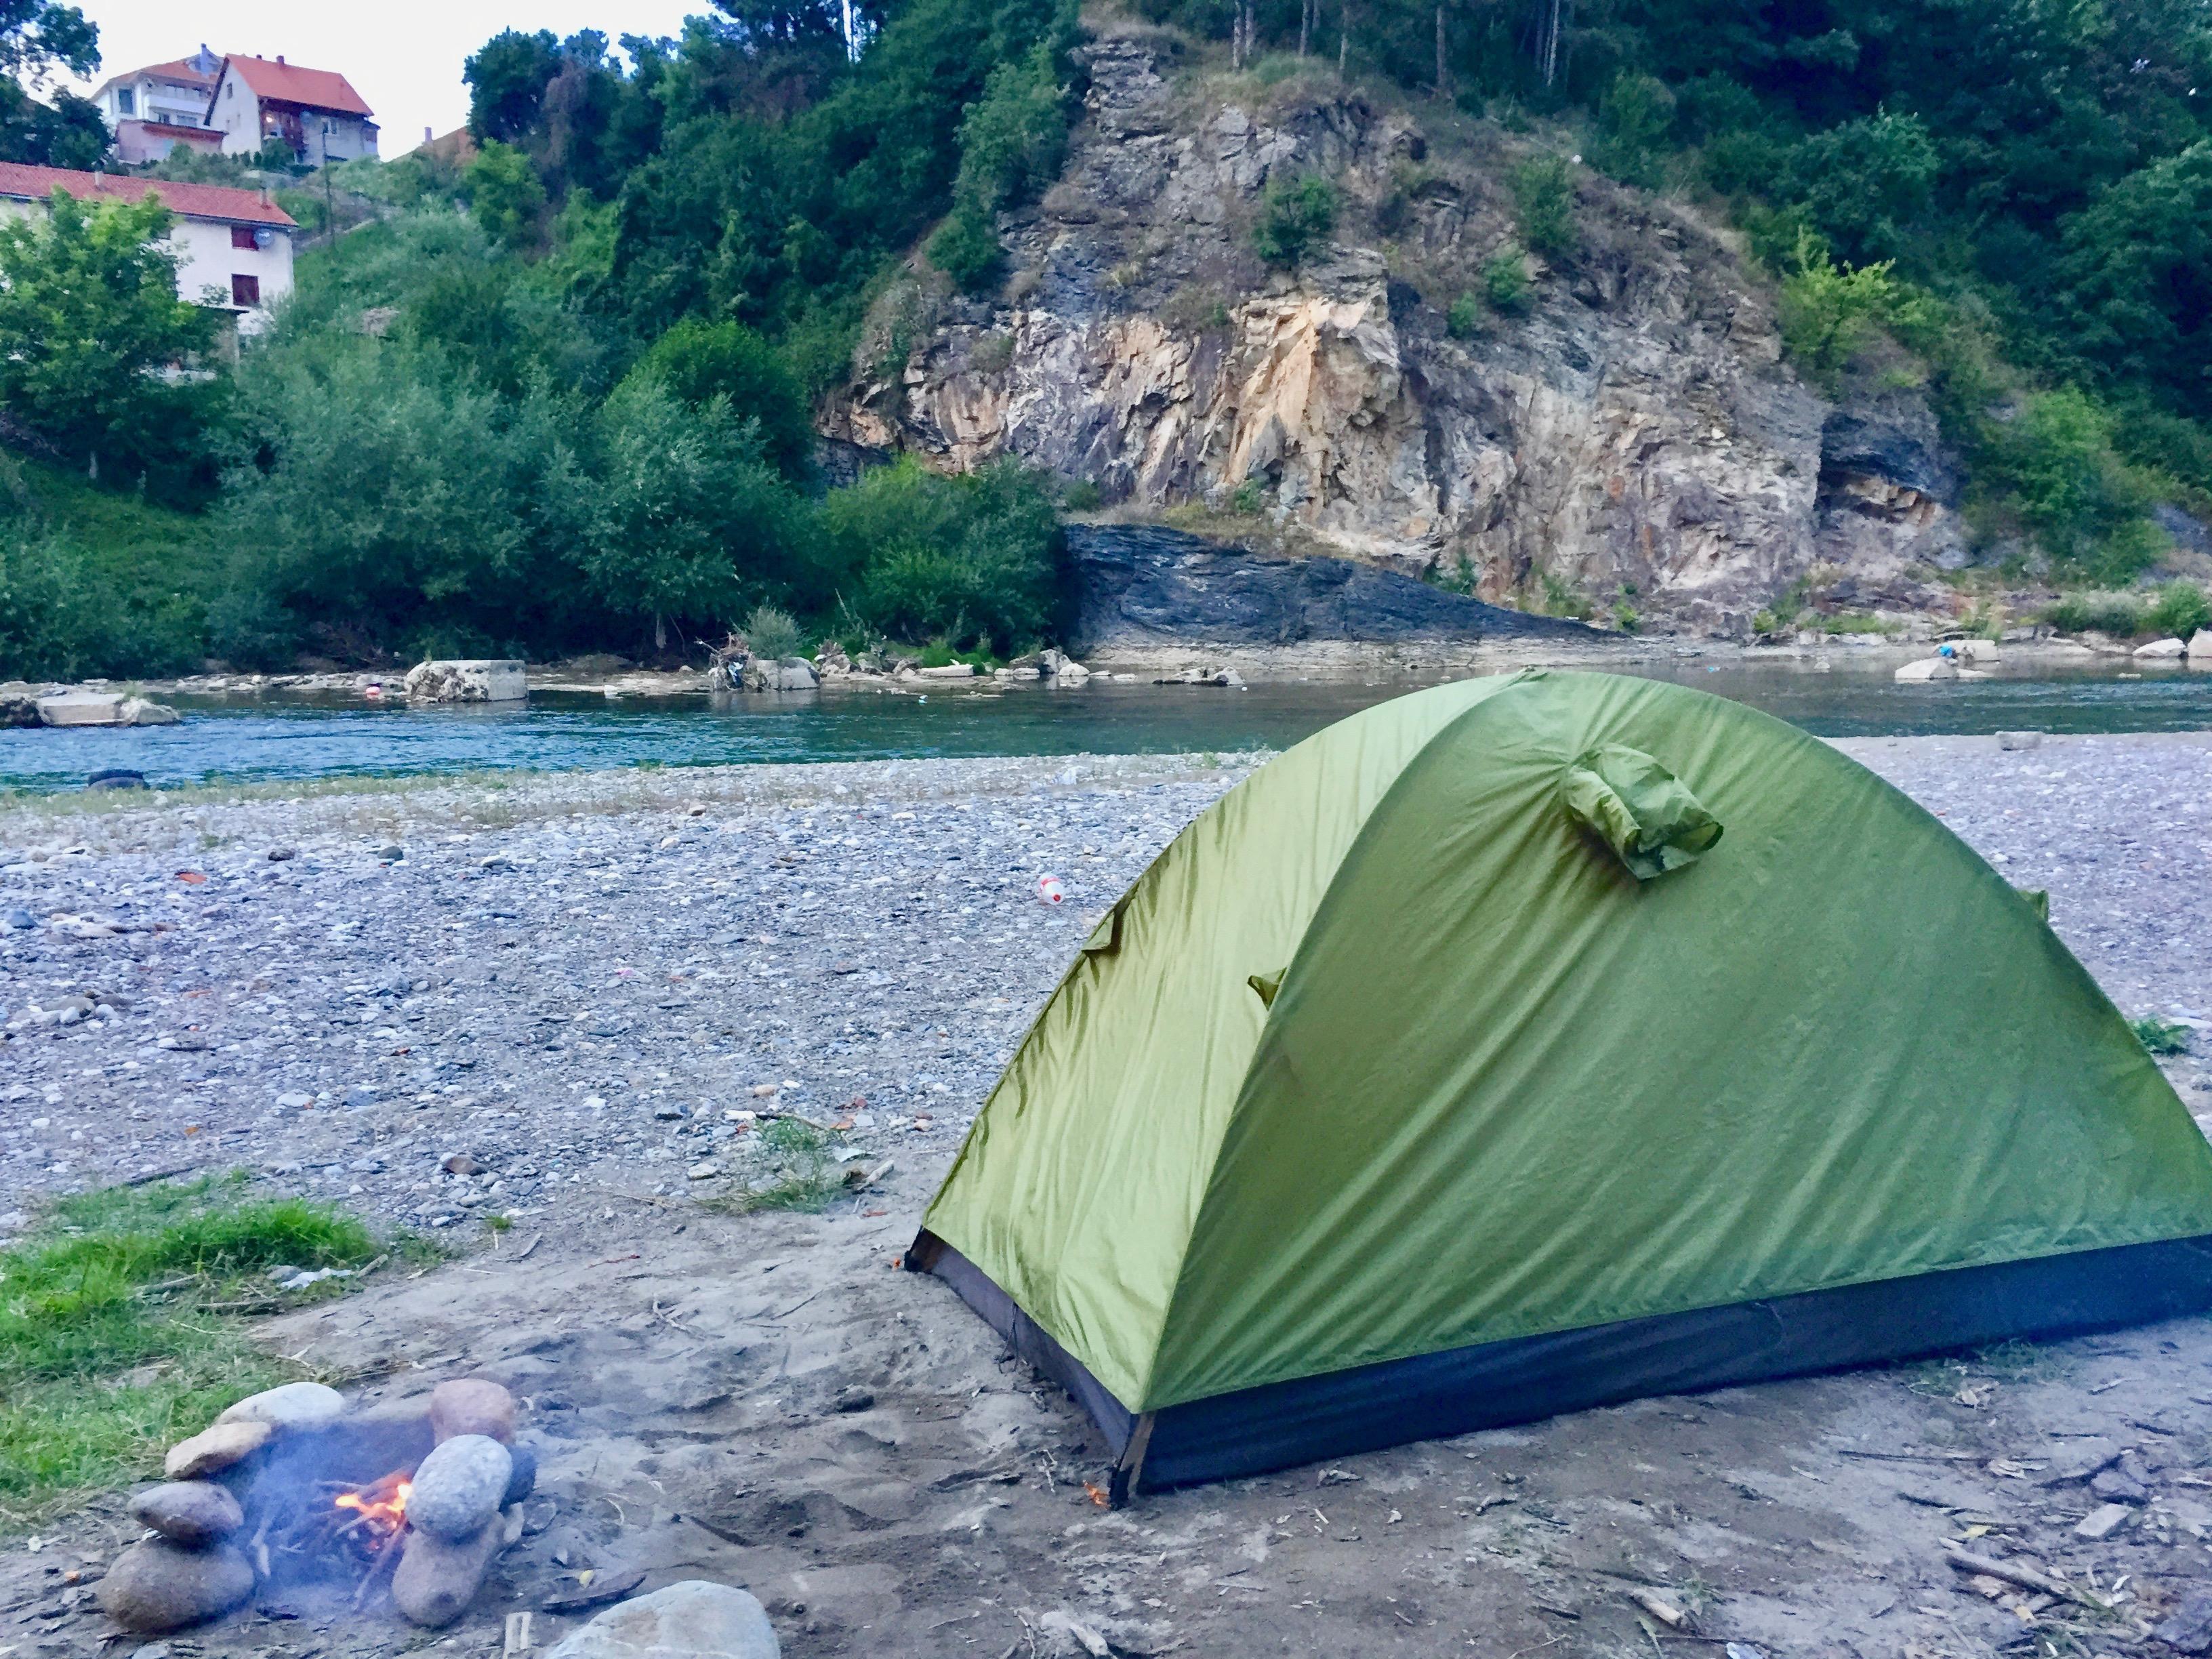 世界一周 ゲストハウス 宿 コソボ モンテネグロ セルビア ルーマニア キャンプ テント